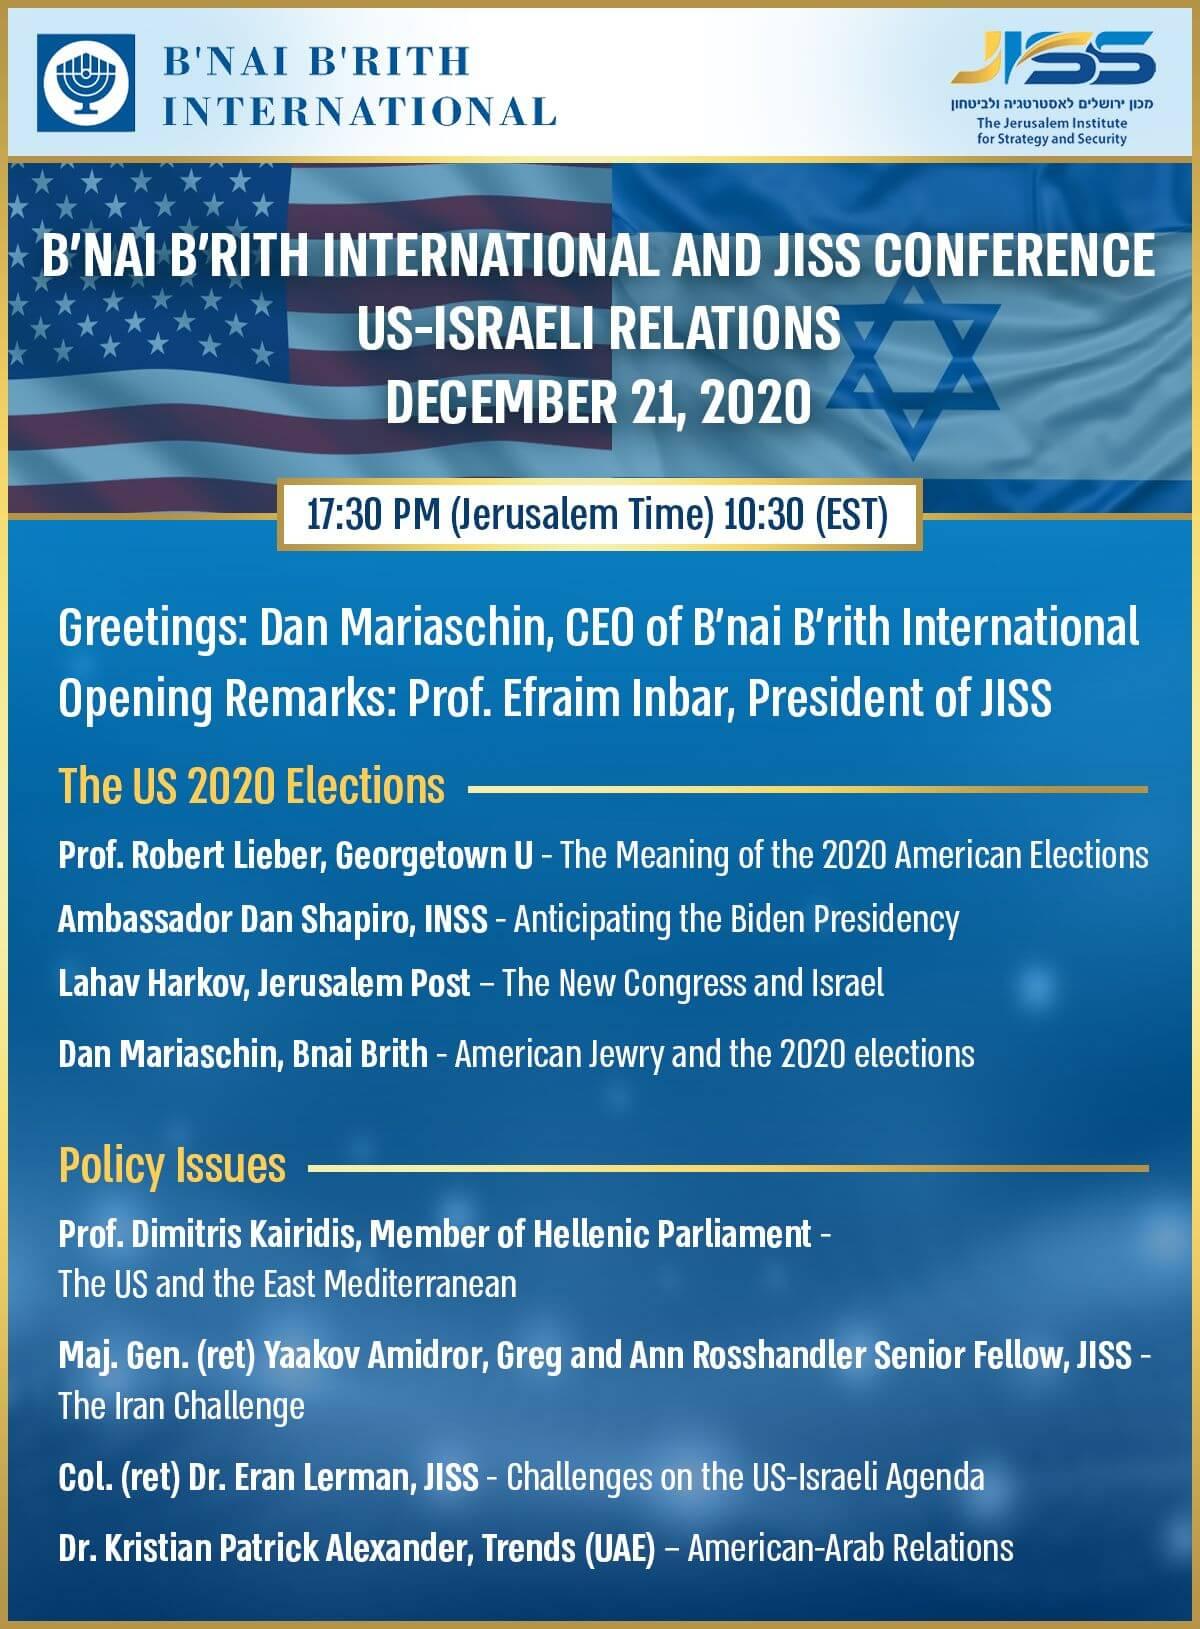 Η τρέχουσα κατάσταση στην Ανατολική Μεσόγειο (21.12.2020)